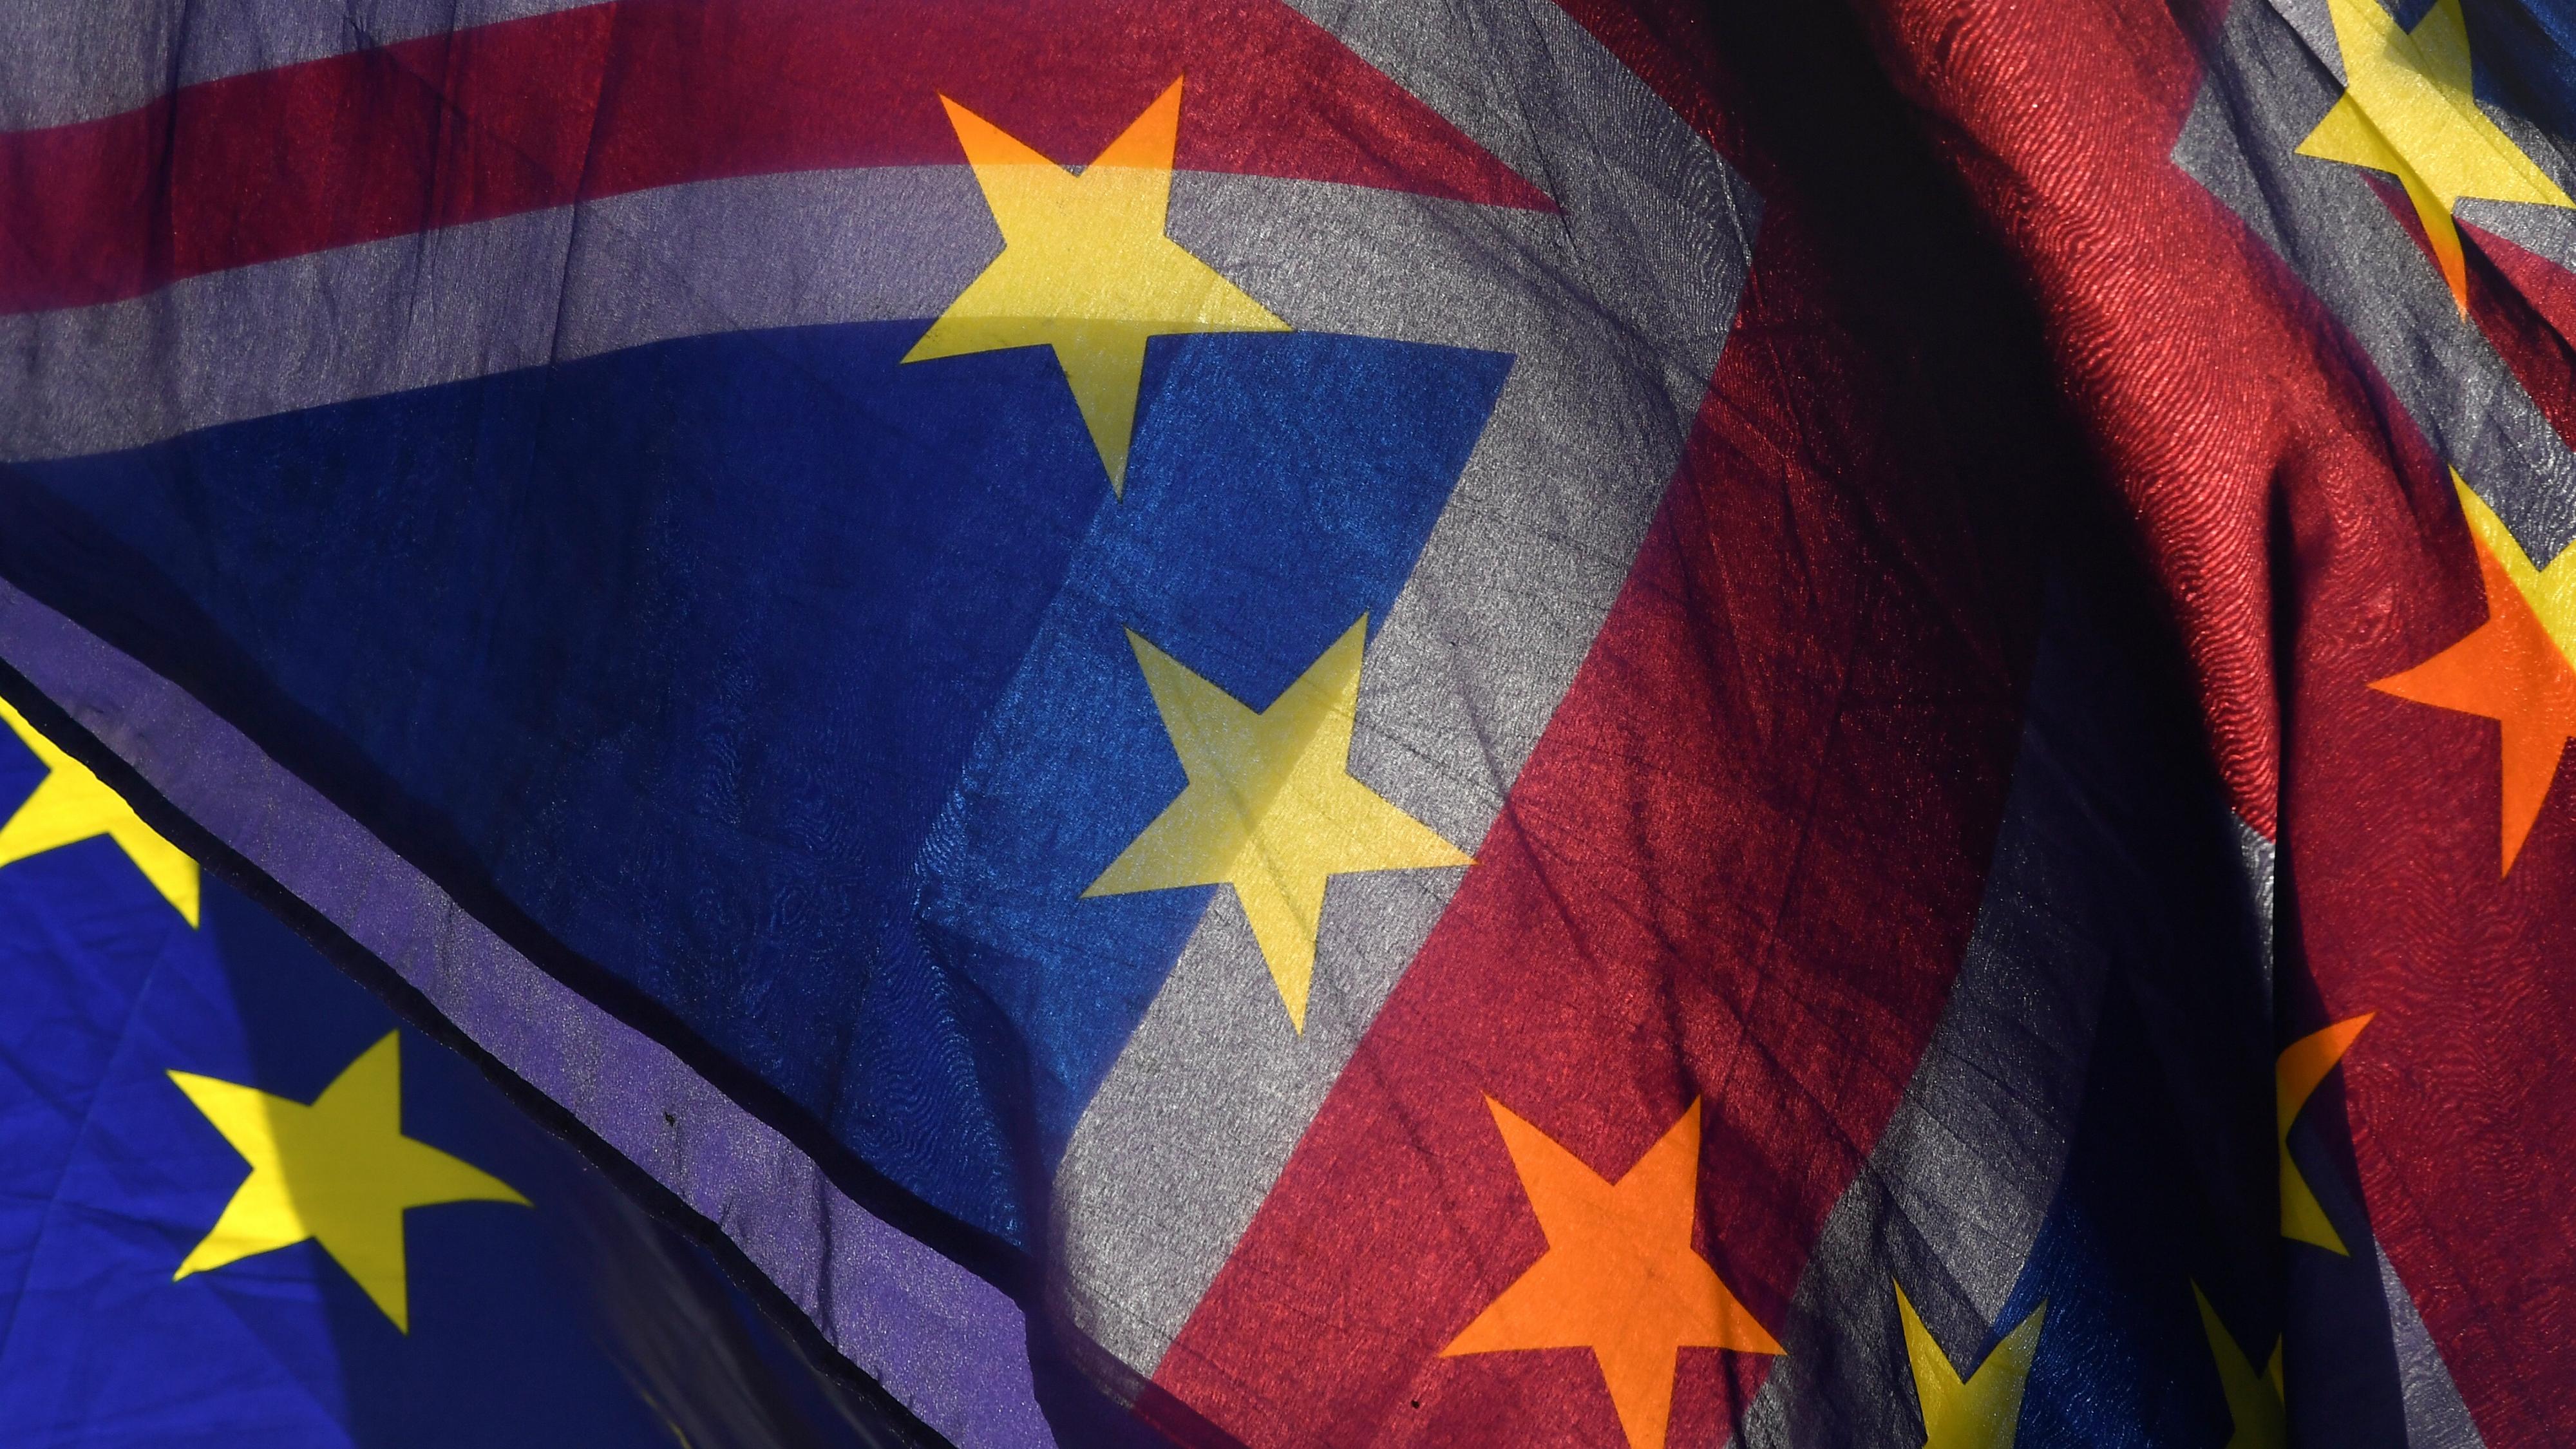 RTS1LR73 - Toby Melville - uk eu brexit